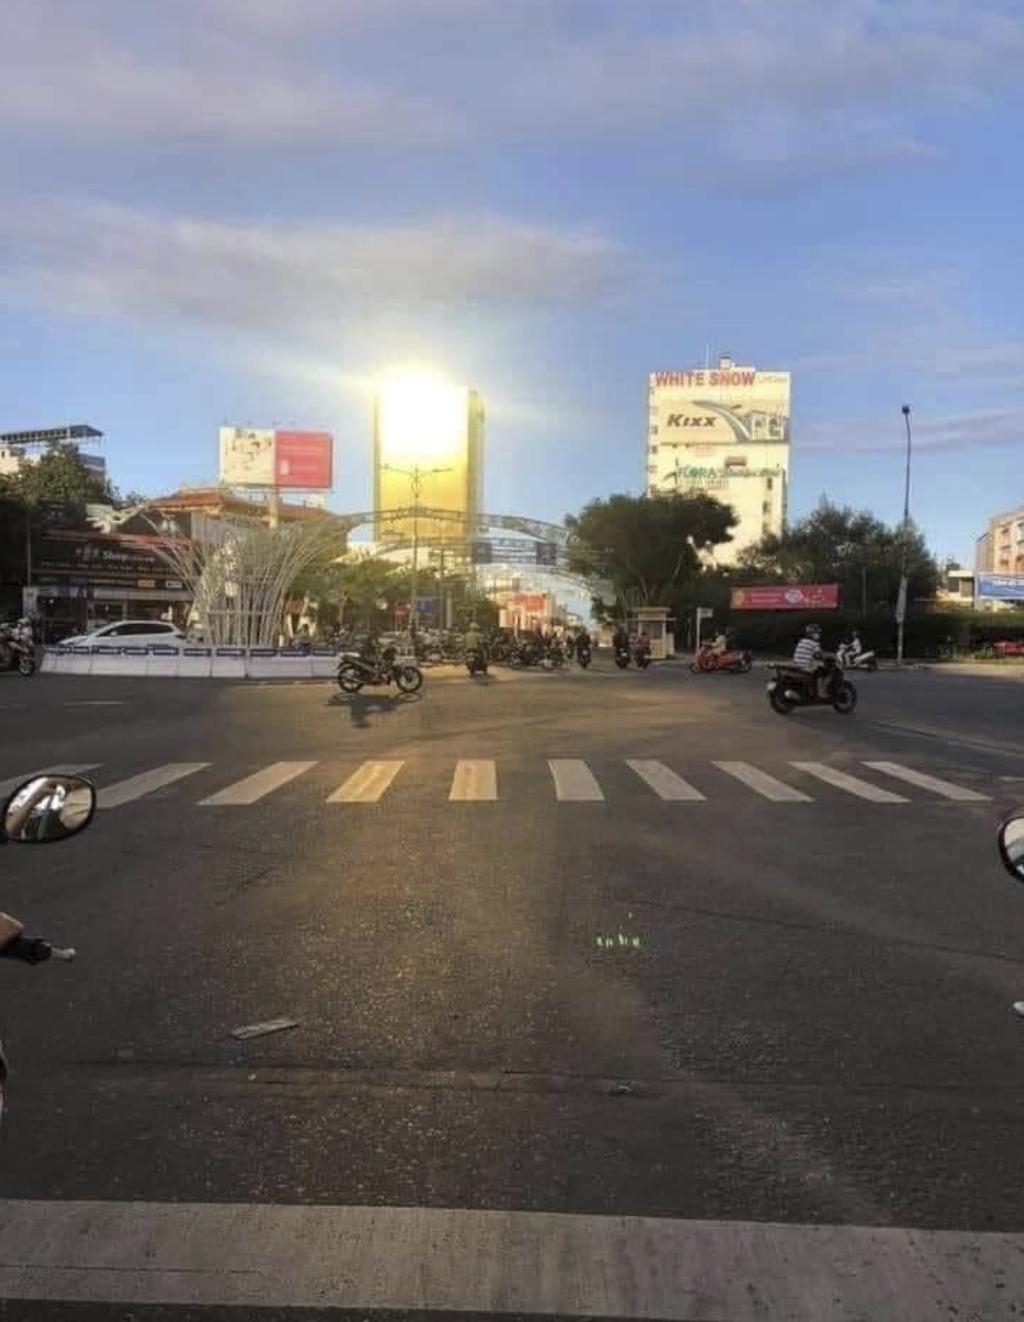 Đà Nẵng: Tòa nhà SHB và Risemount Apartment lắp kính vàng sai phép, người đi đường bị chói mắt khi trời nắng - Ảnh 6.